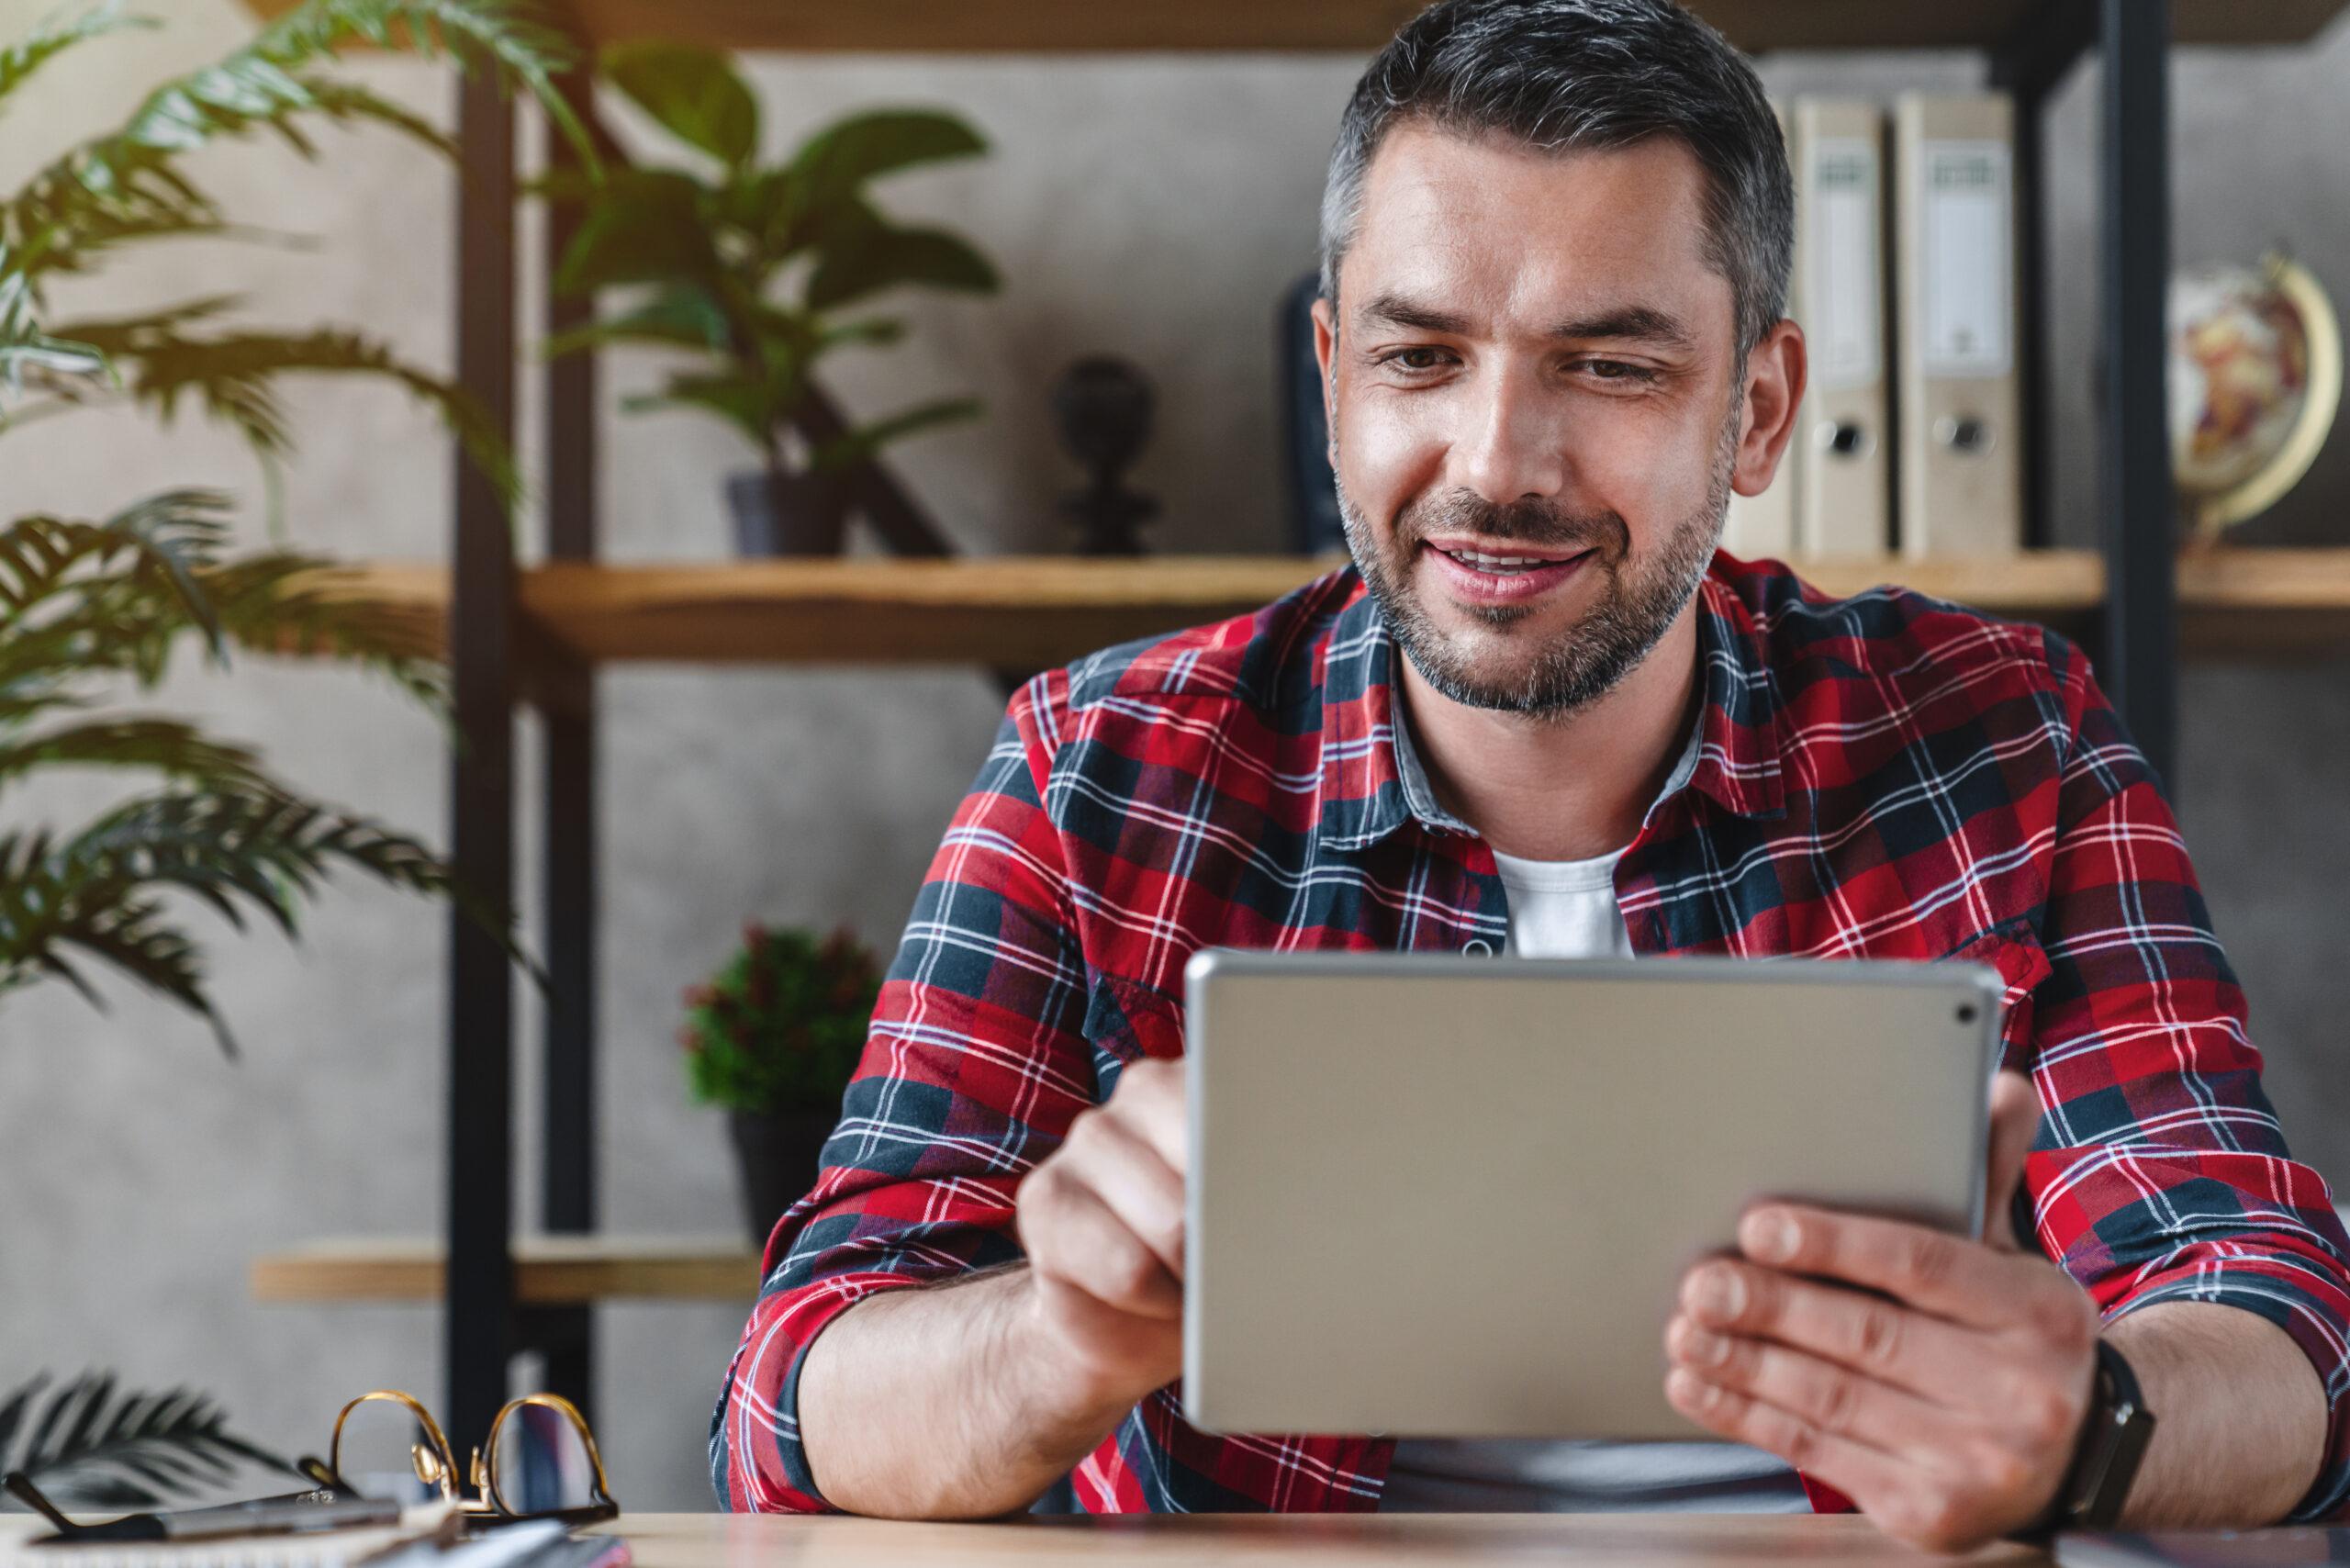 Kredyt gotówkowy – dodatkowe środki nadowolny cel!